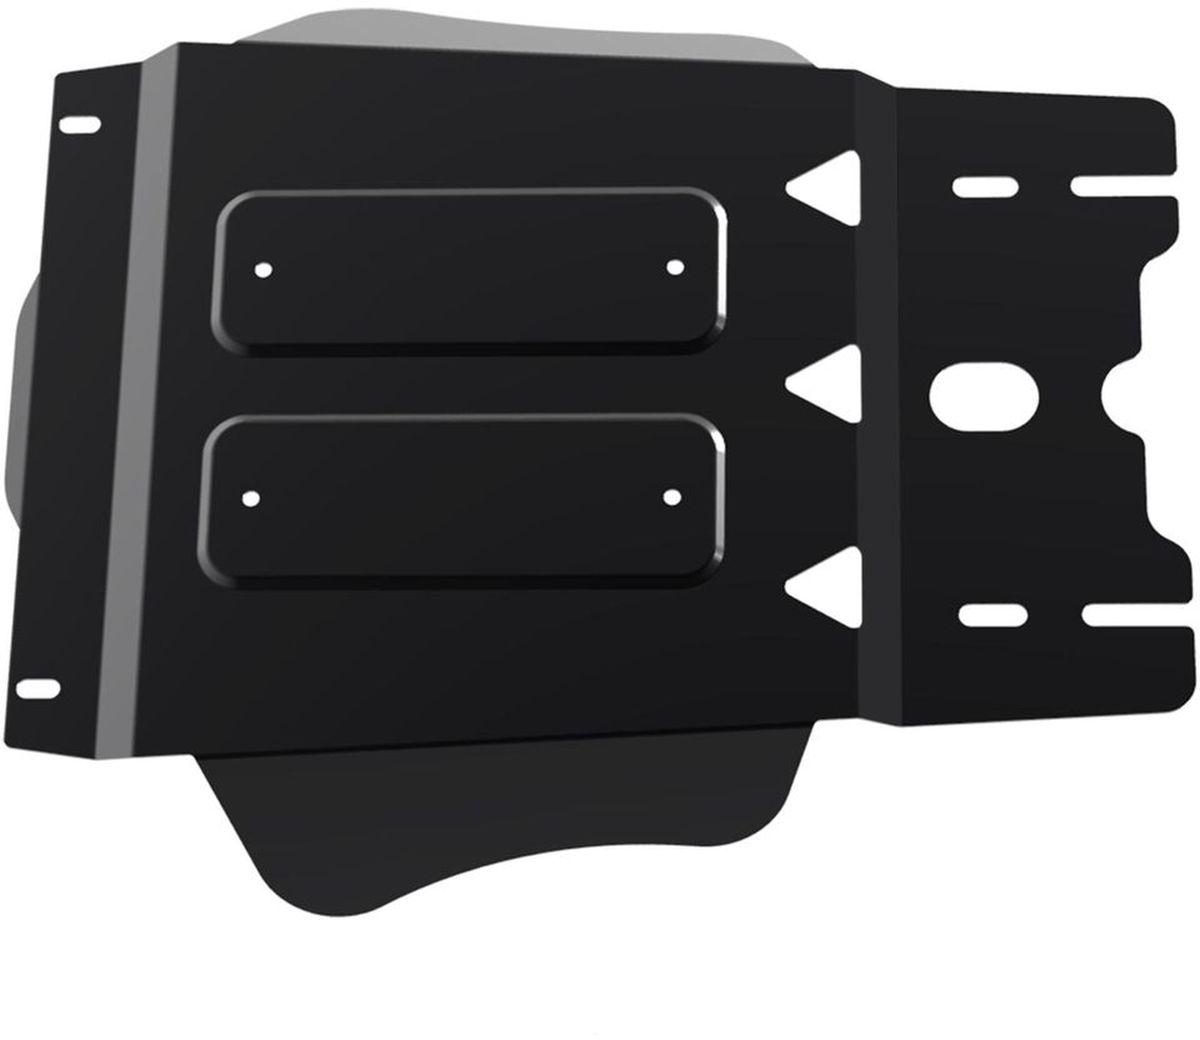 Защита КПП Автоброня, для Mercedes Benz С240/W203, V - все (2000-2007)111.03905.1Технологически совершенный продукт за невысокую стоимость. Защита разработана с учетом особенностей днища автомобиля, что позволяет сохранить дорожный просвет с минимальным изменением. Защита устанавливается в штатные места кузова автомобиля. Глубокий штамп обеспечивает до двух раз больше жесткости в сравнении с обычной защитой той же толщины. Проштампованные ребра жесткости препятствуют деформации защиты при ударах. Тепловой зазор и вентиляционные отверстия обеспечивают сохранение температурного режима двигателя в норме. Скрытый крепеж предотвращает срыв крепежных элементов при наезде на препятствие. Шумопоглощающие резиновые элементы обеспечивают комфортную езду без вибраций и скрежета металла, а съемные лючки для слива масла и замены фильтра - экономию средств и время. Конструкция изделия не влияет на пассивную безопасность автомобиля (при ударе защита не воздействует на деформационные зоны кузова). Со штатным крепежом. В комплекте инструкция по установке....